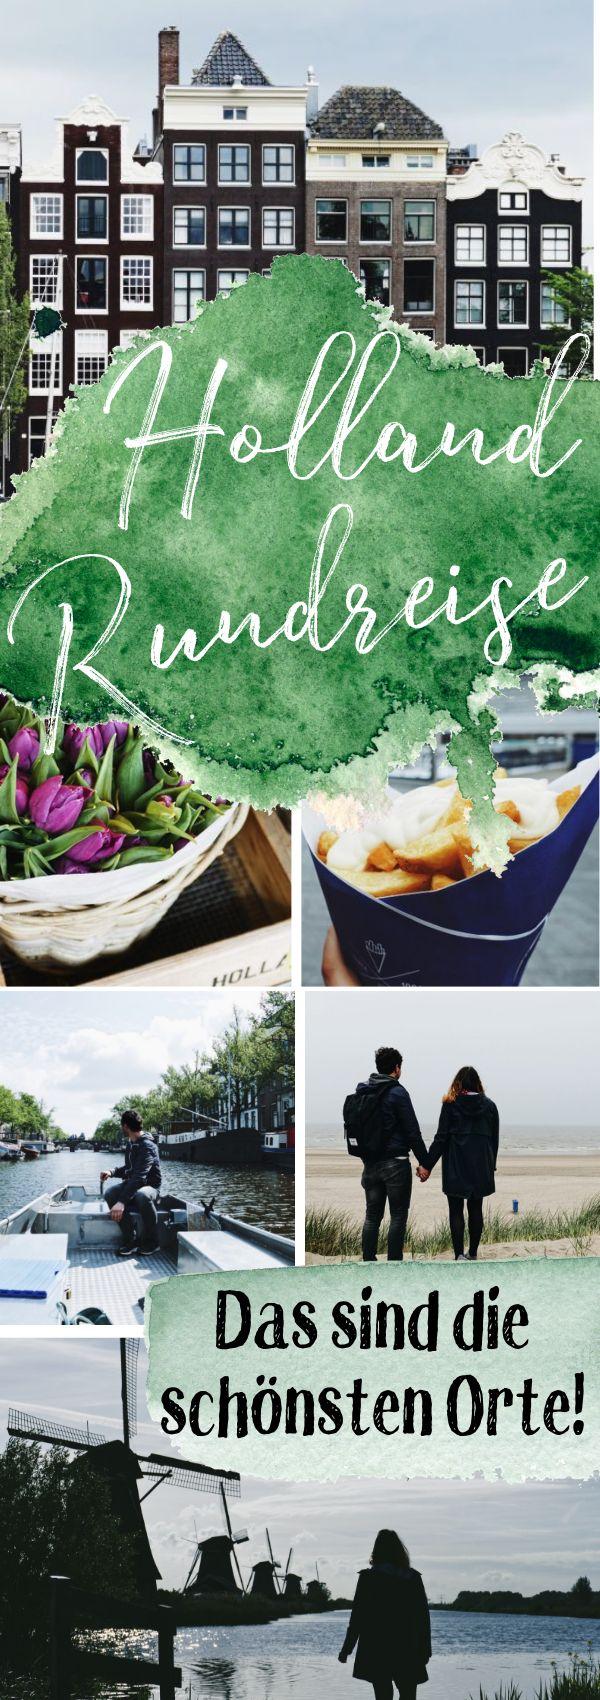 Holland Rundreise – das sind die schönsten Orte